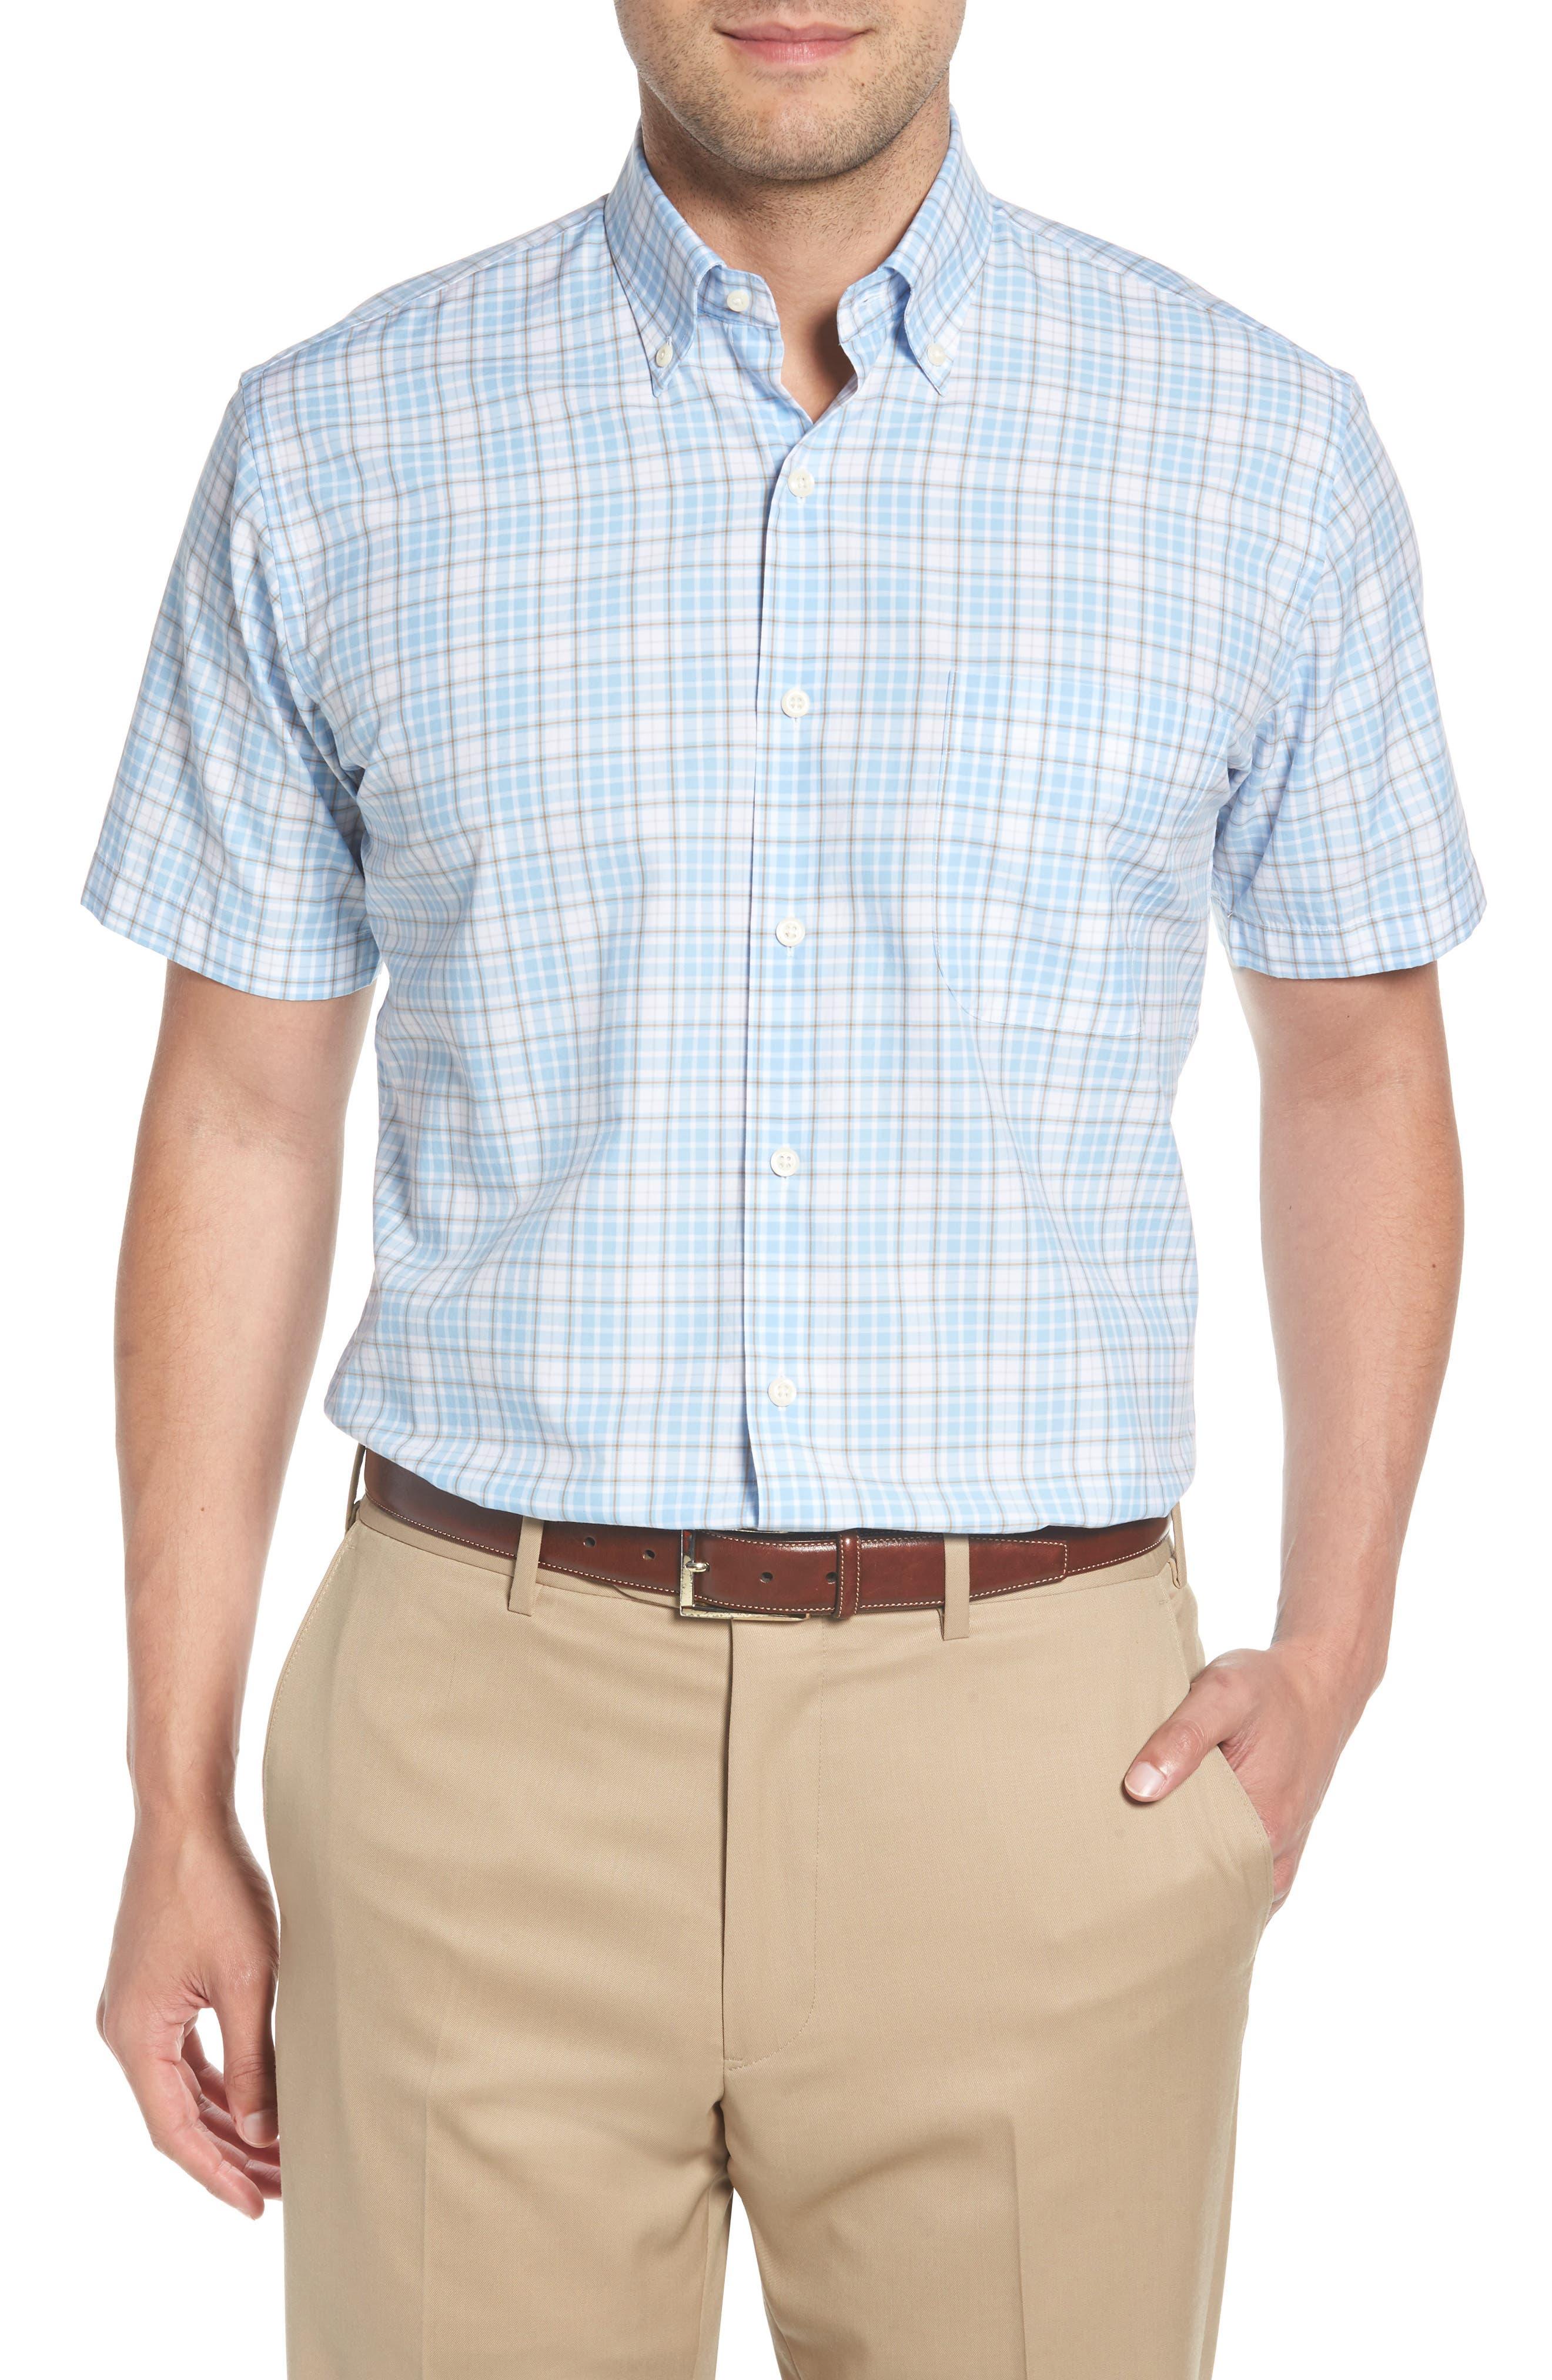 Belltown Regular Fit Tartan Sport Shirt,                             Main thumbnail 1, color,                             400